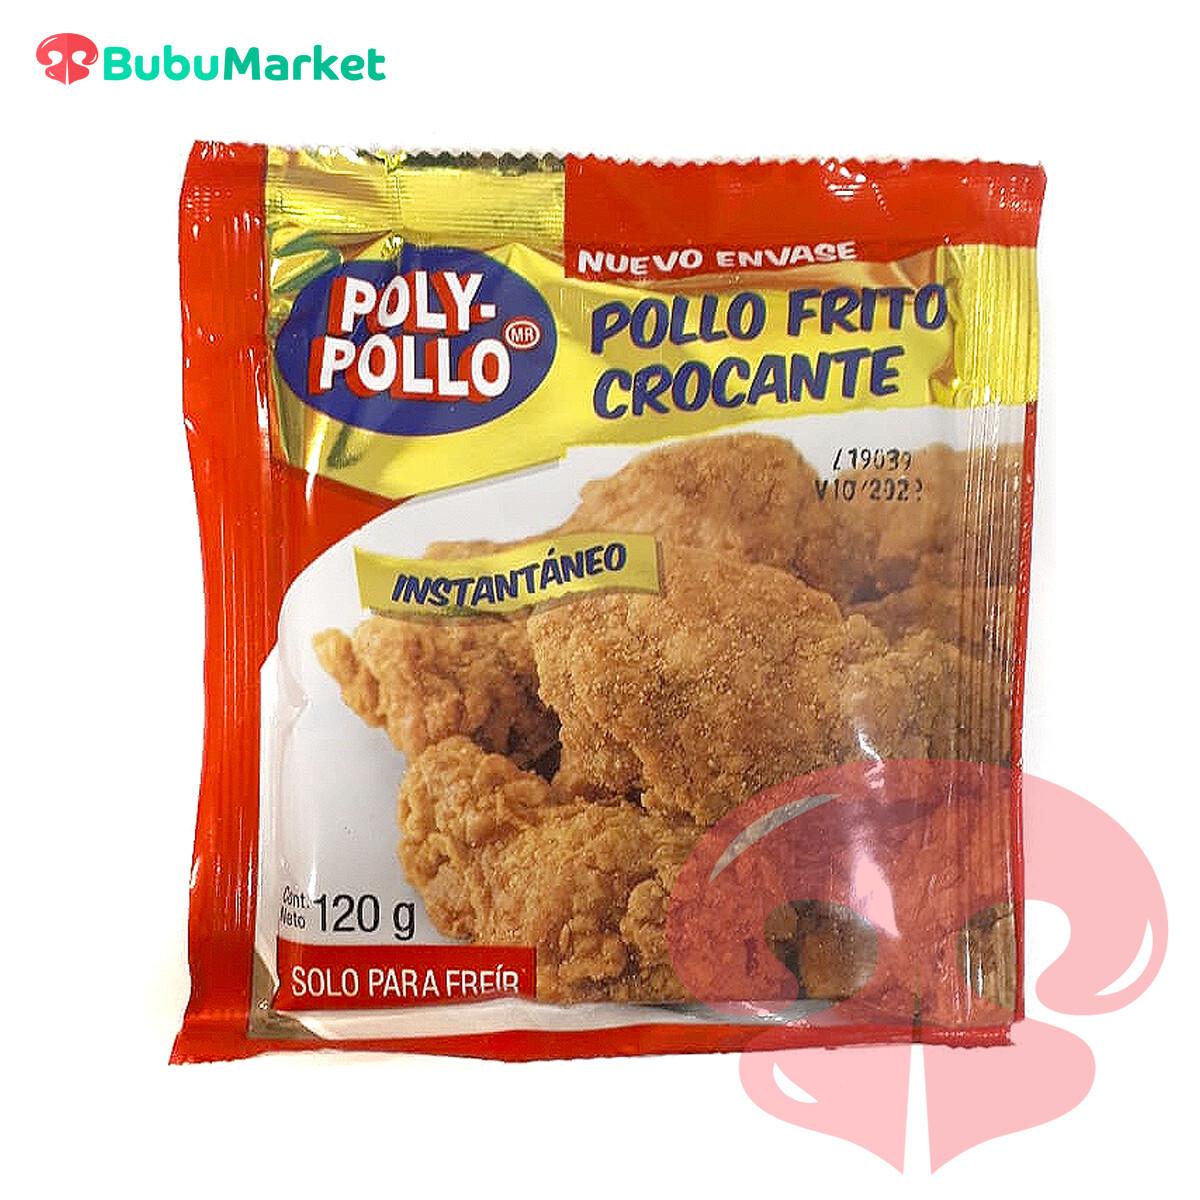 POLY POLLO SAZONADOR BROASTER 120 GR.